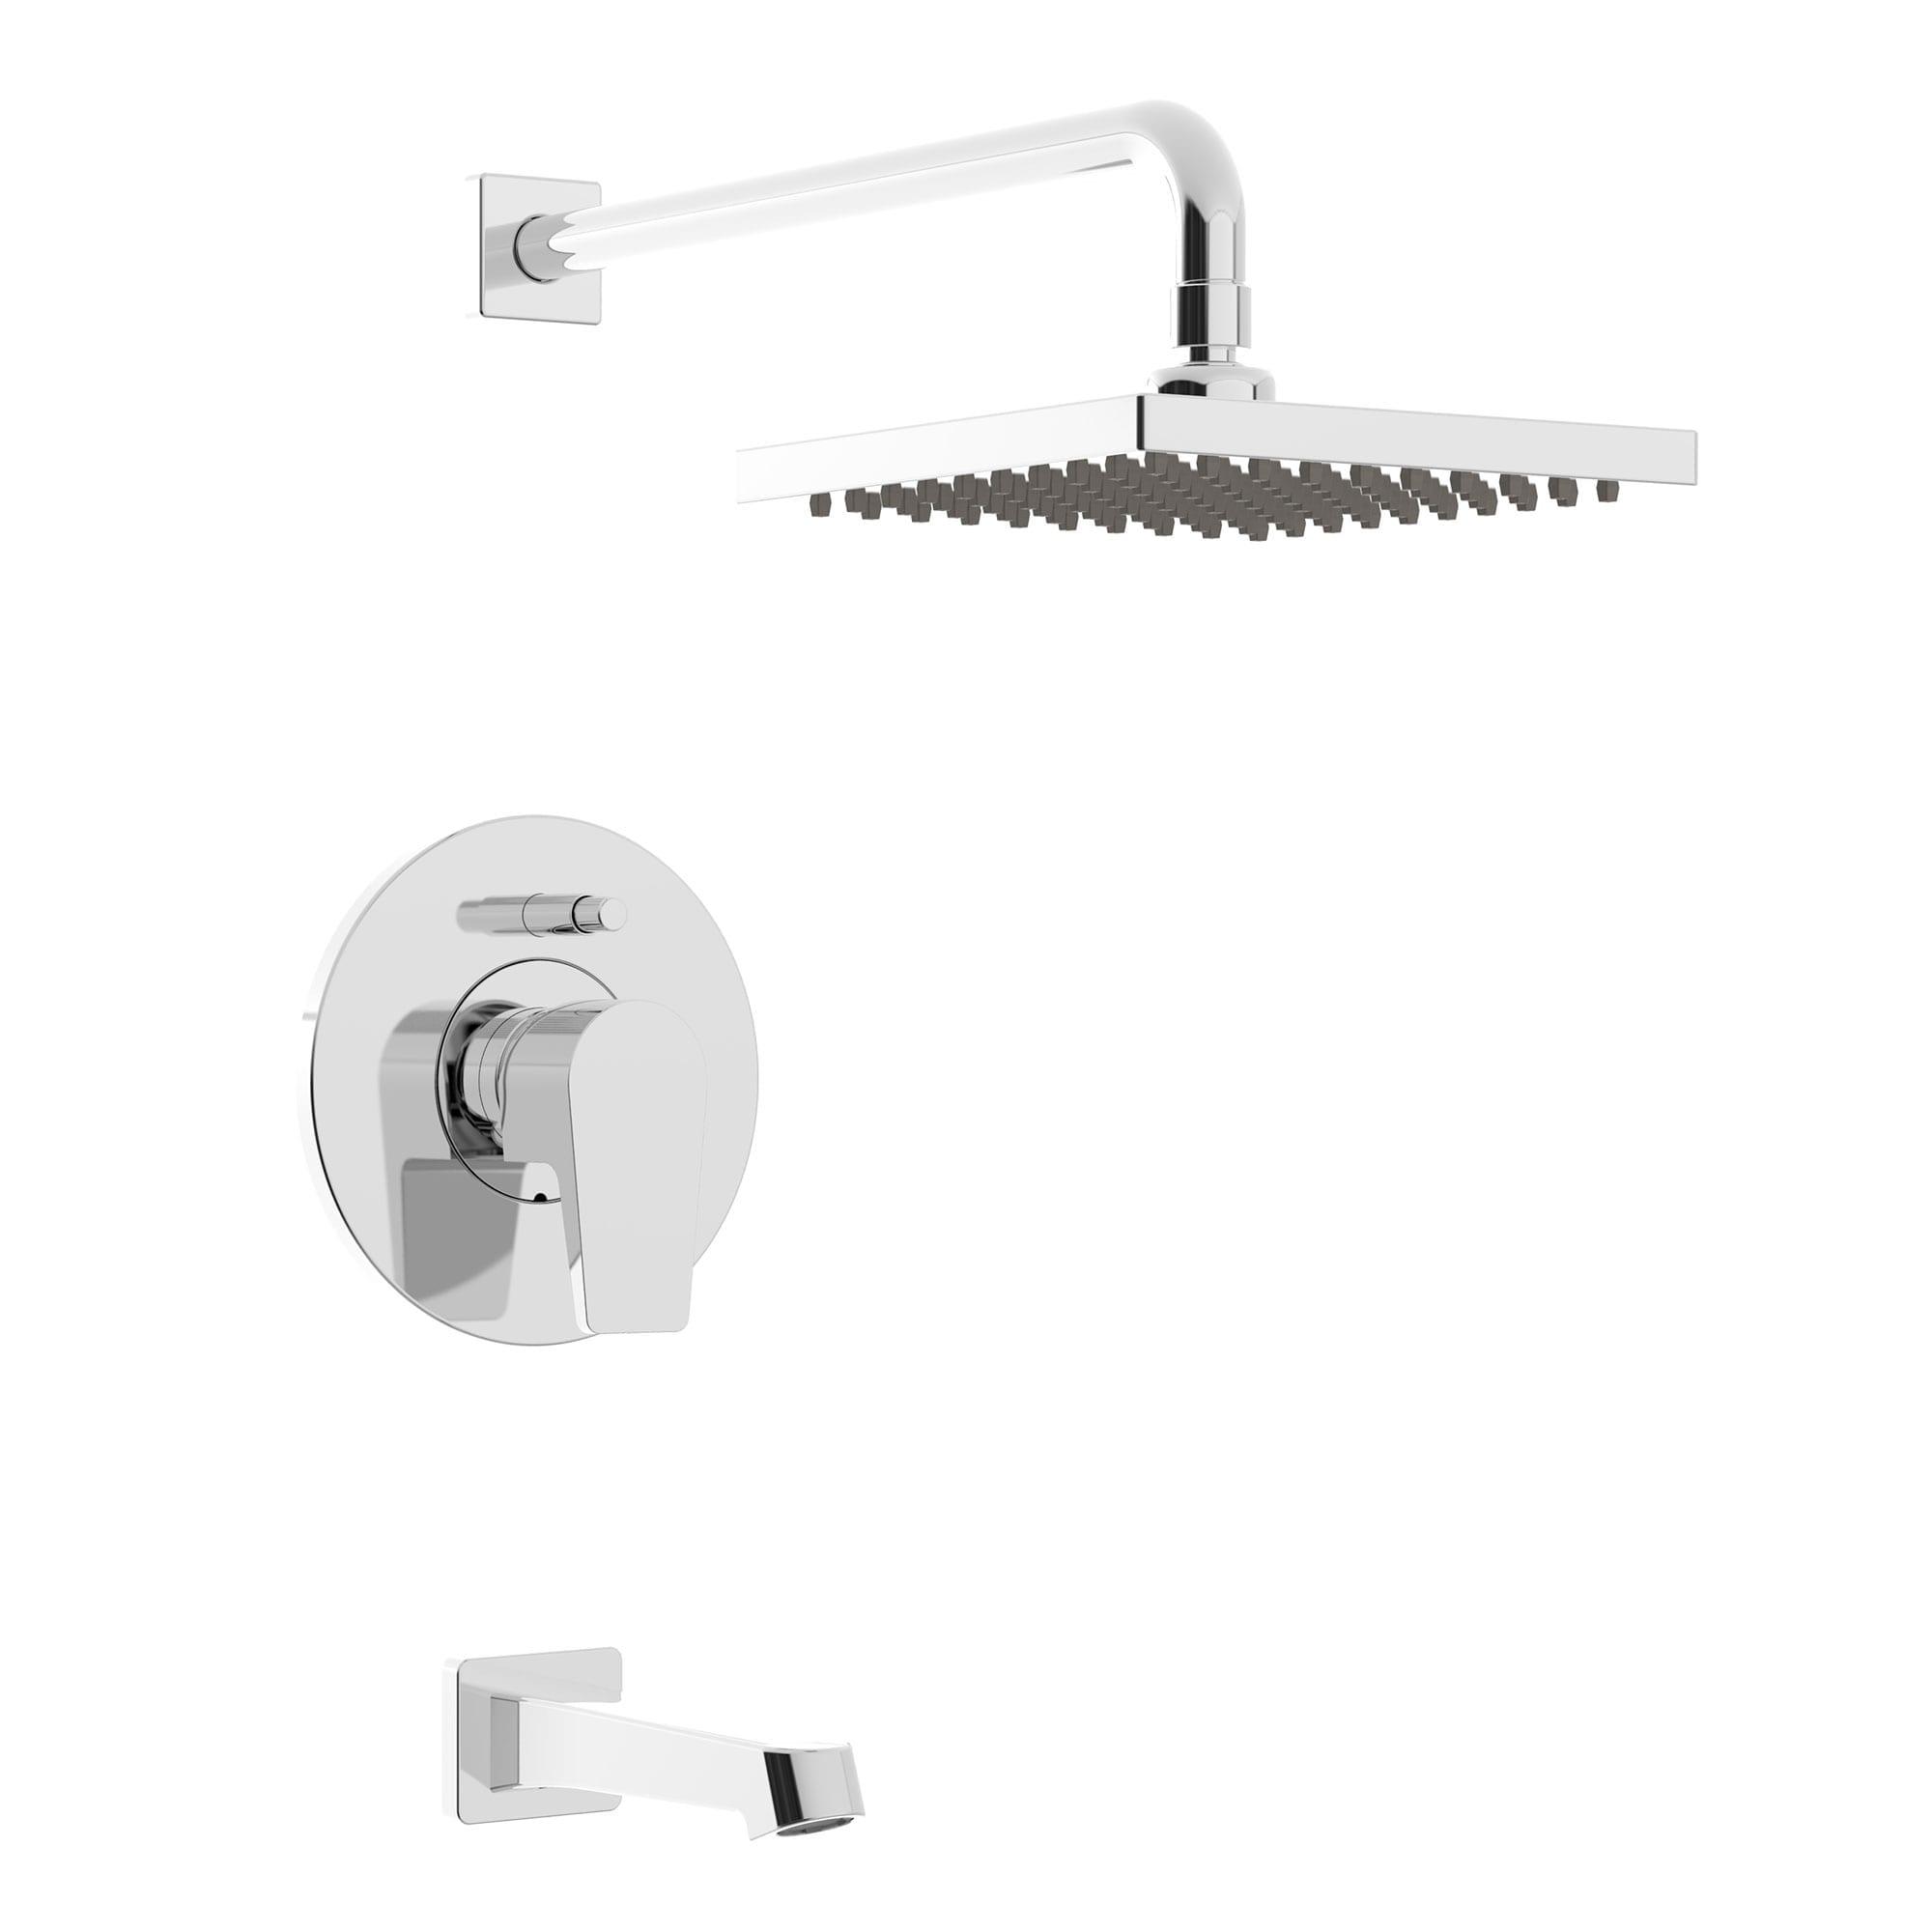 kit robinet pour baignoire douche garniture pour valve pression quilibr e d viatrice. Black Bedroom Furniture Sets. Home Design Ideas